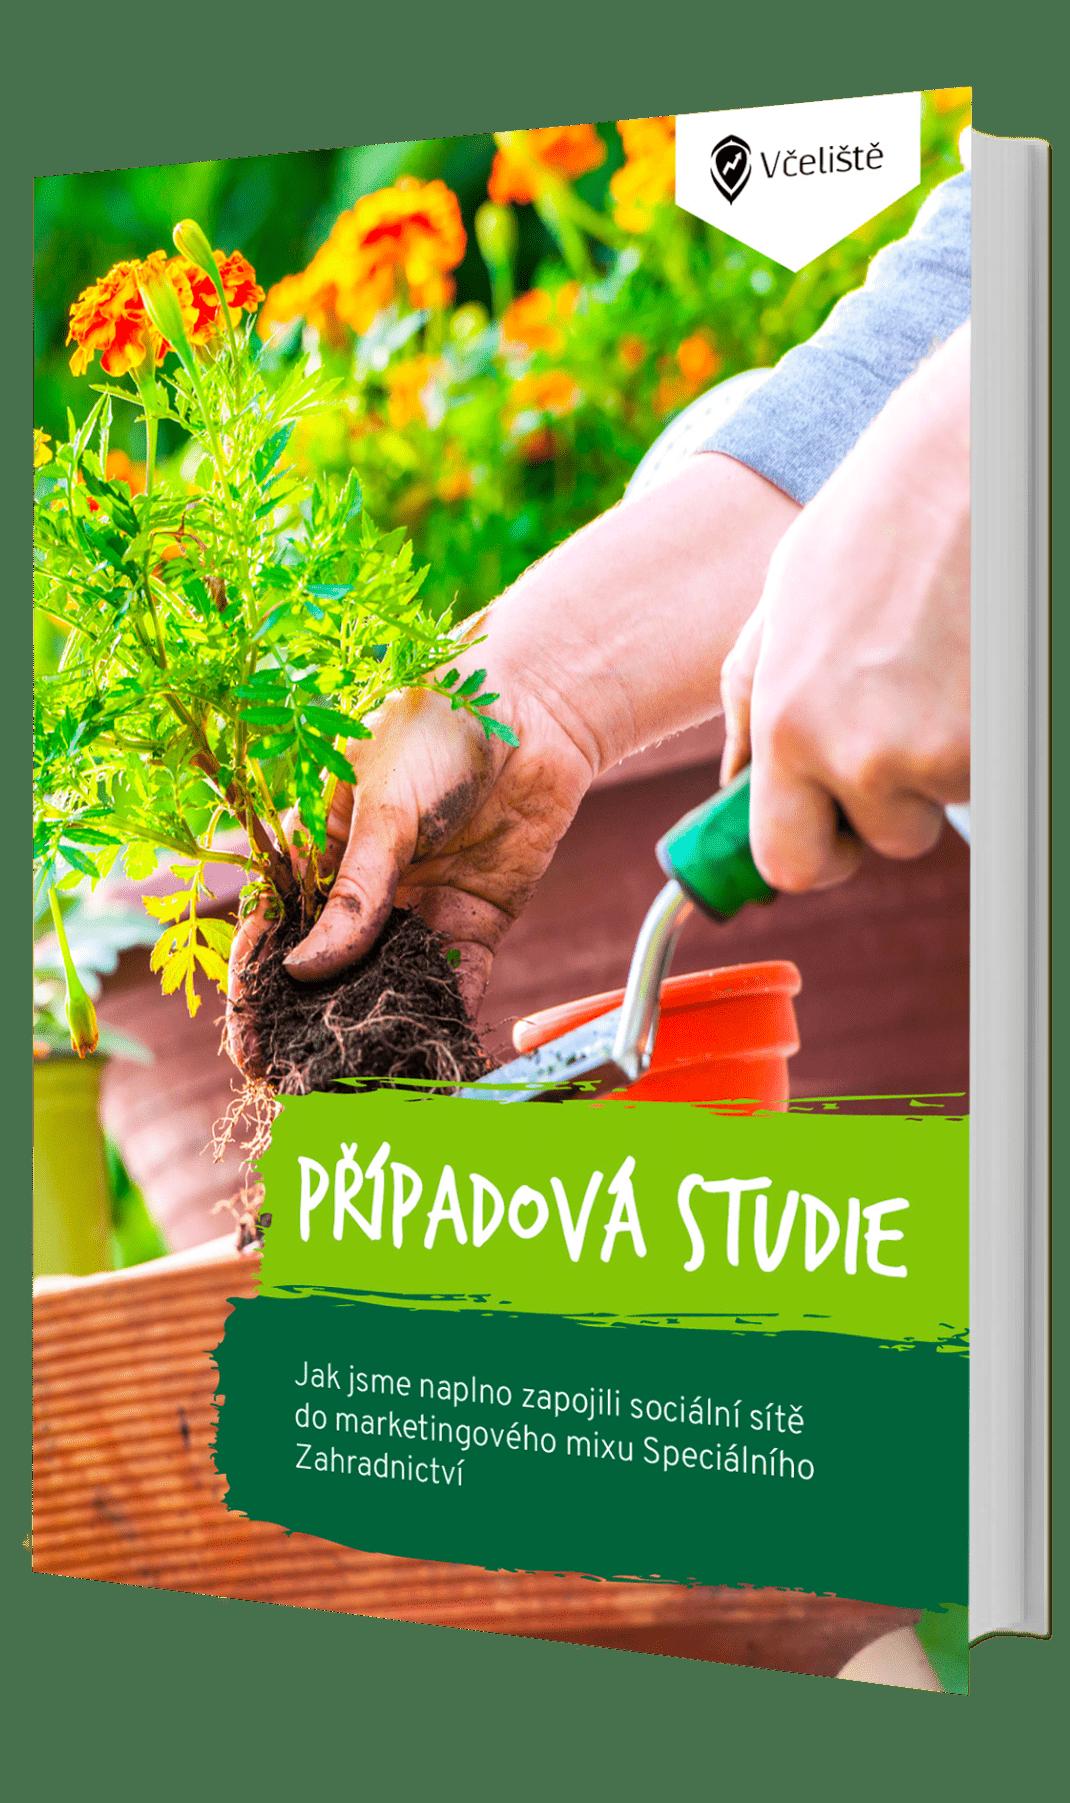 Případová studie Speciální Zahradnictví.